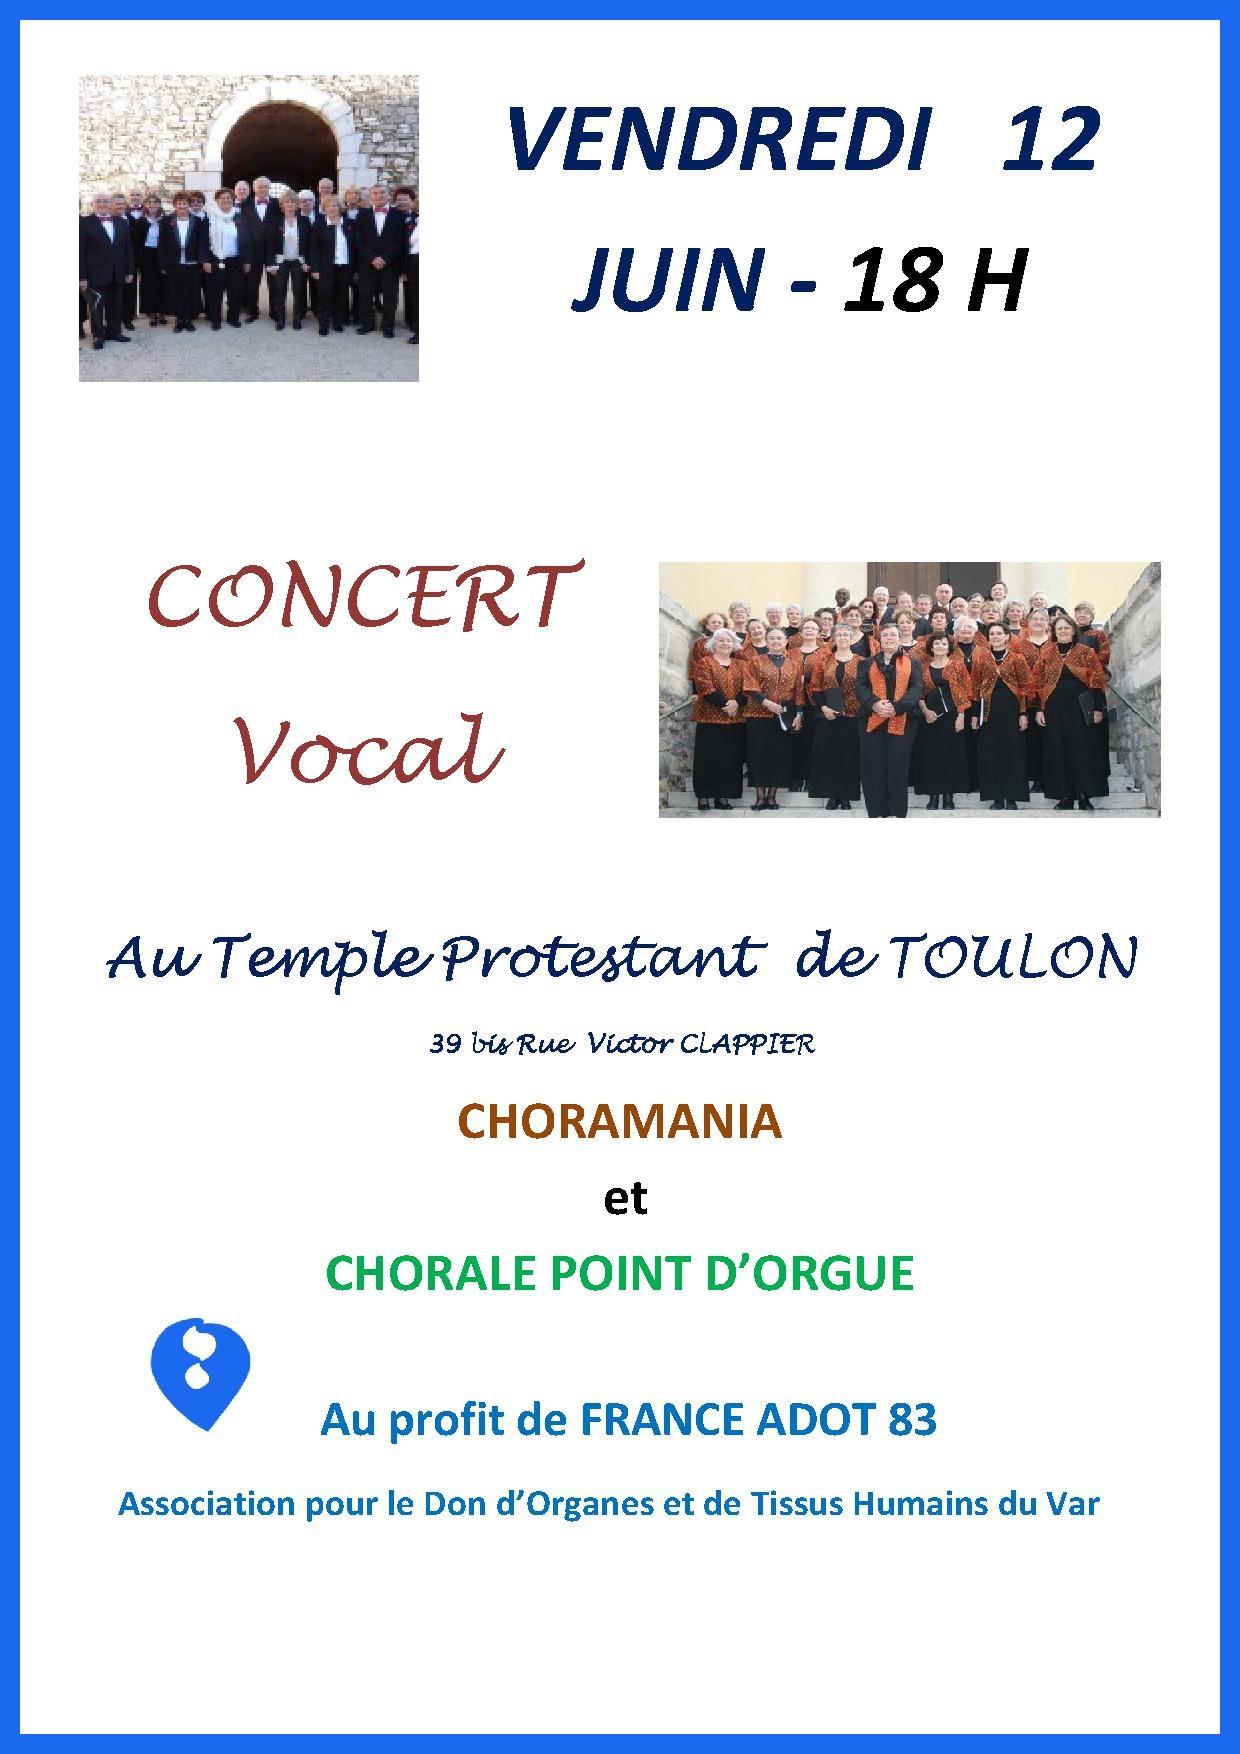 20150612 Affiche du Concert du 12 juin 2015